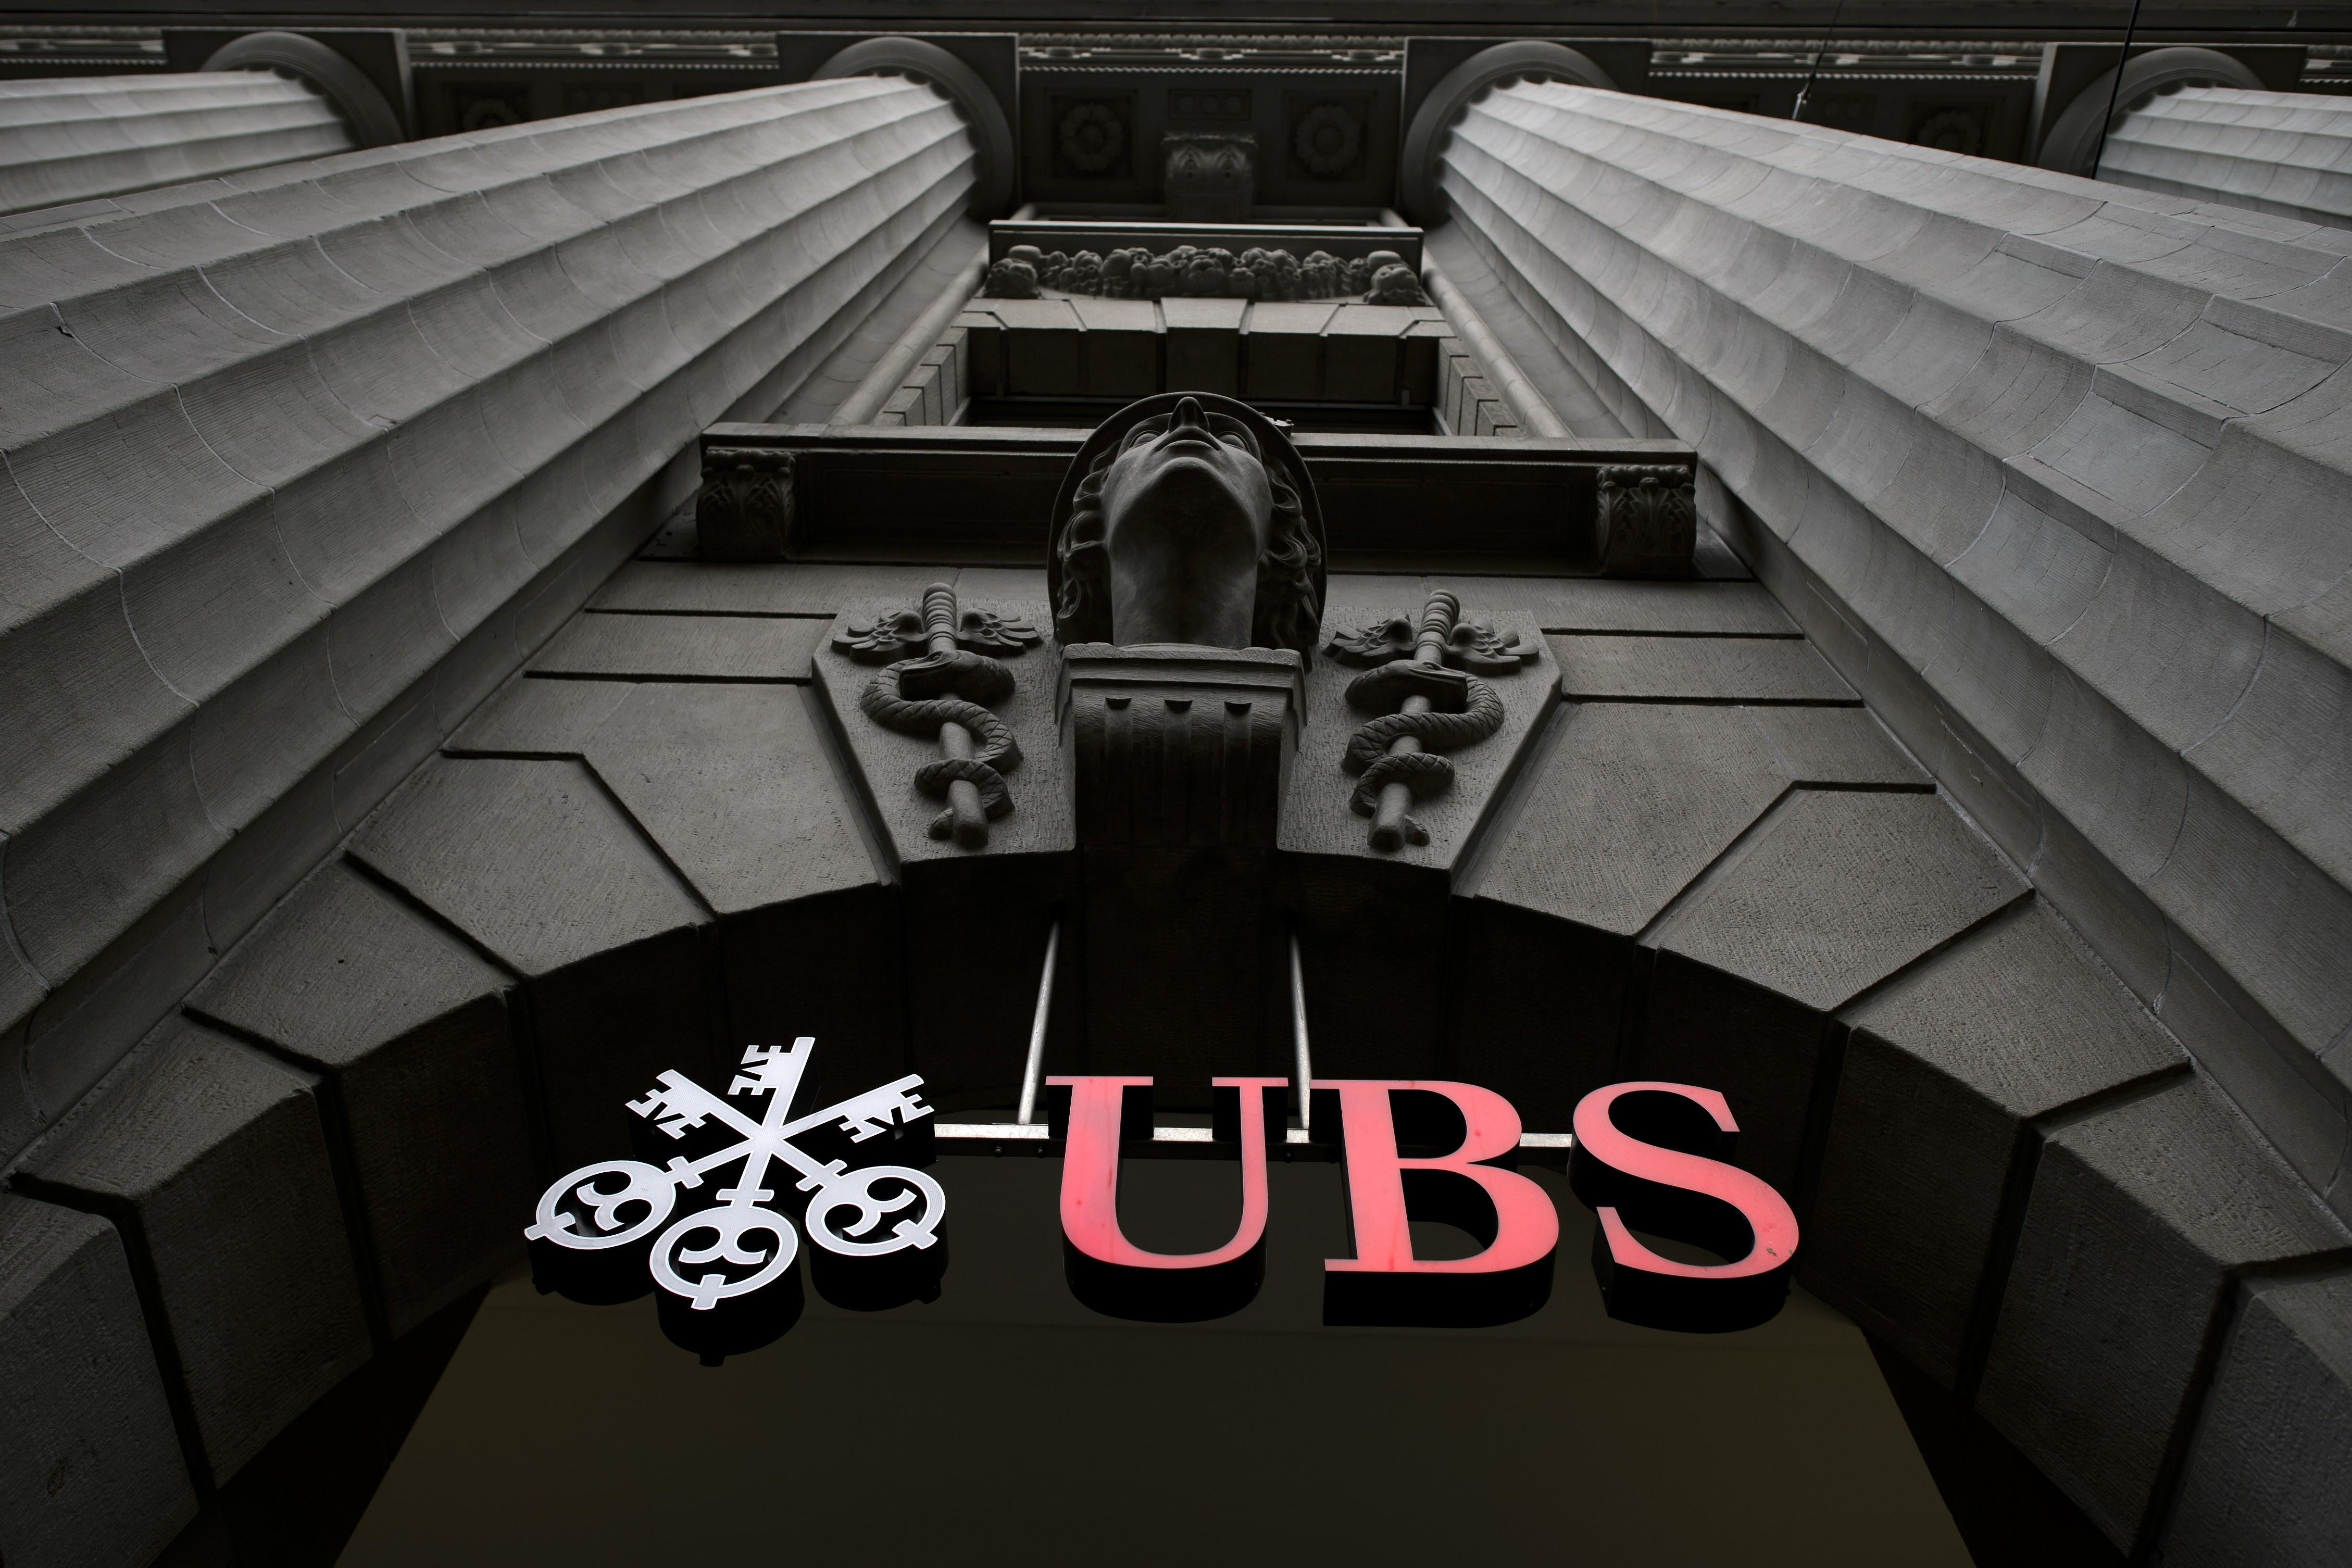 SWITZERLAND-ECONOMY-BANKING-UBS